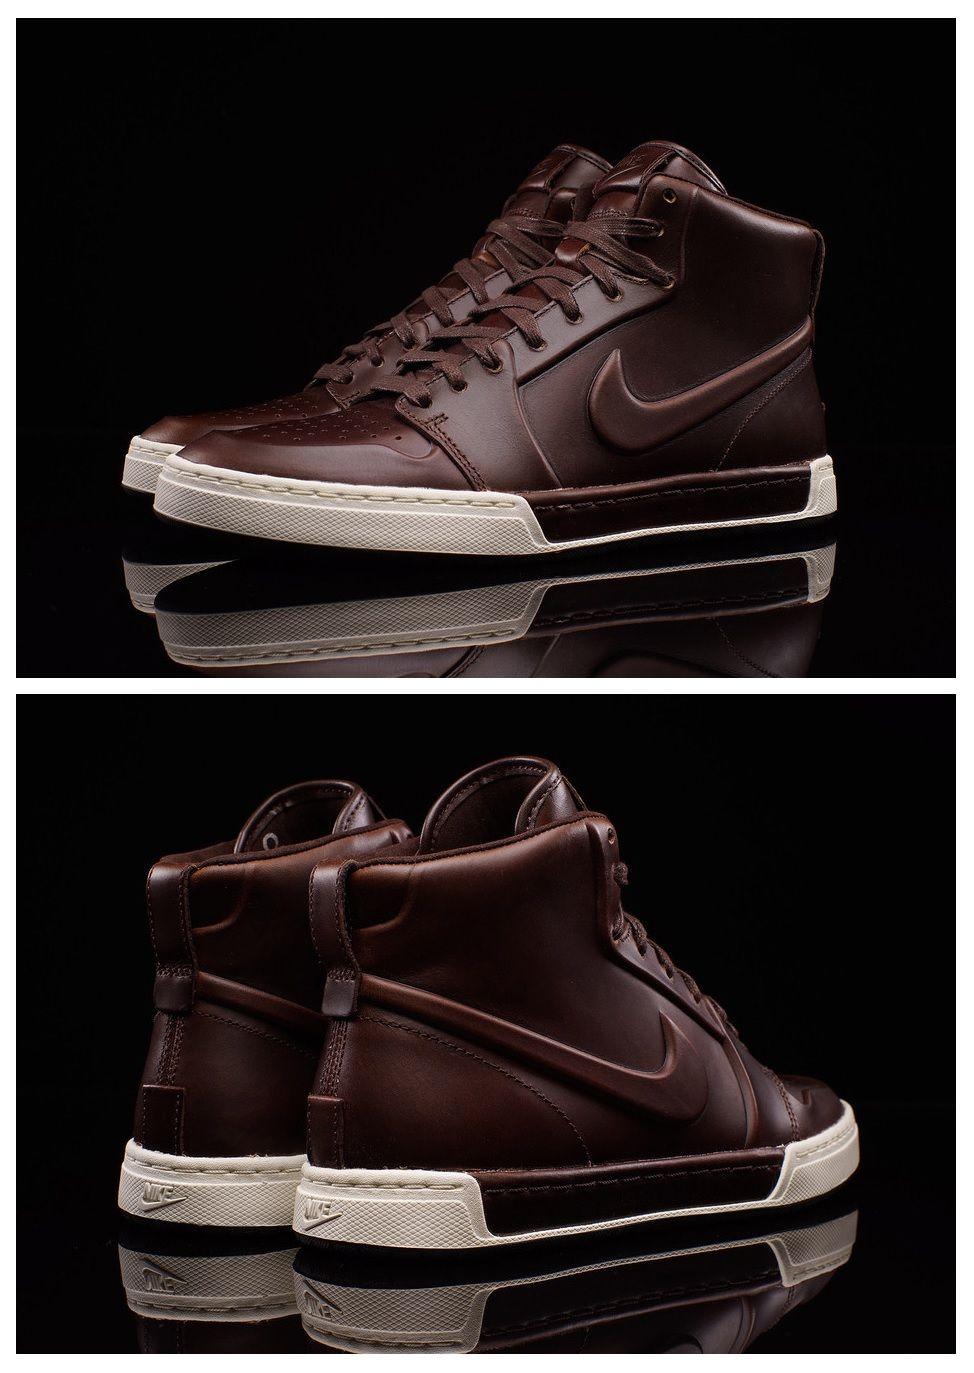 Nike Air Royal Mid VT: Brown | Zapatos sport hombre, Zapatos